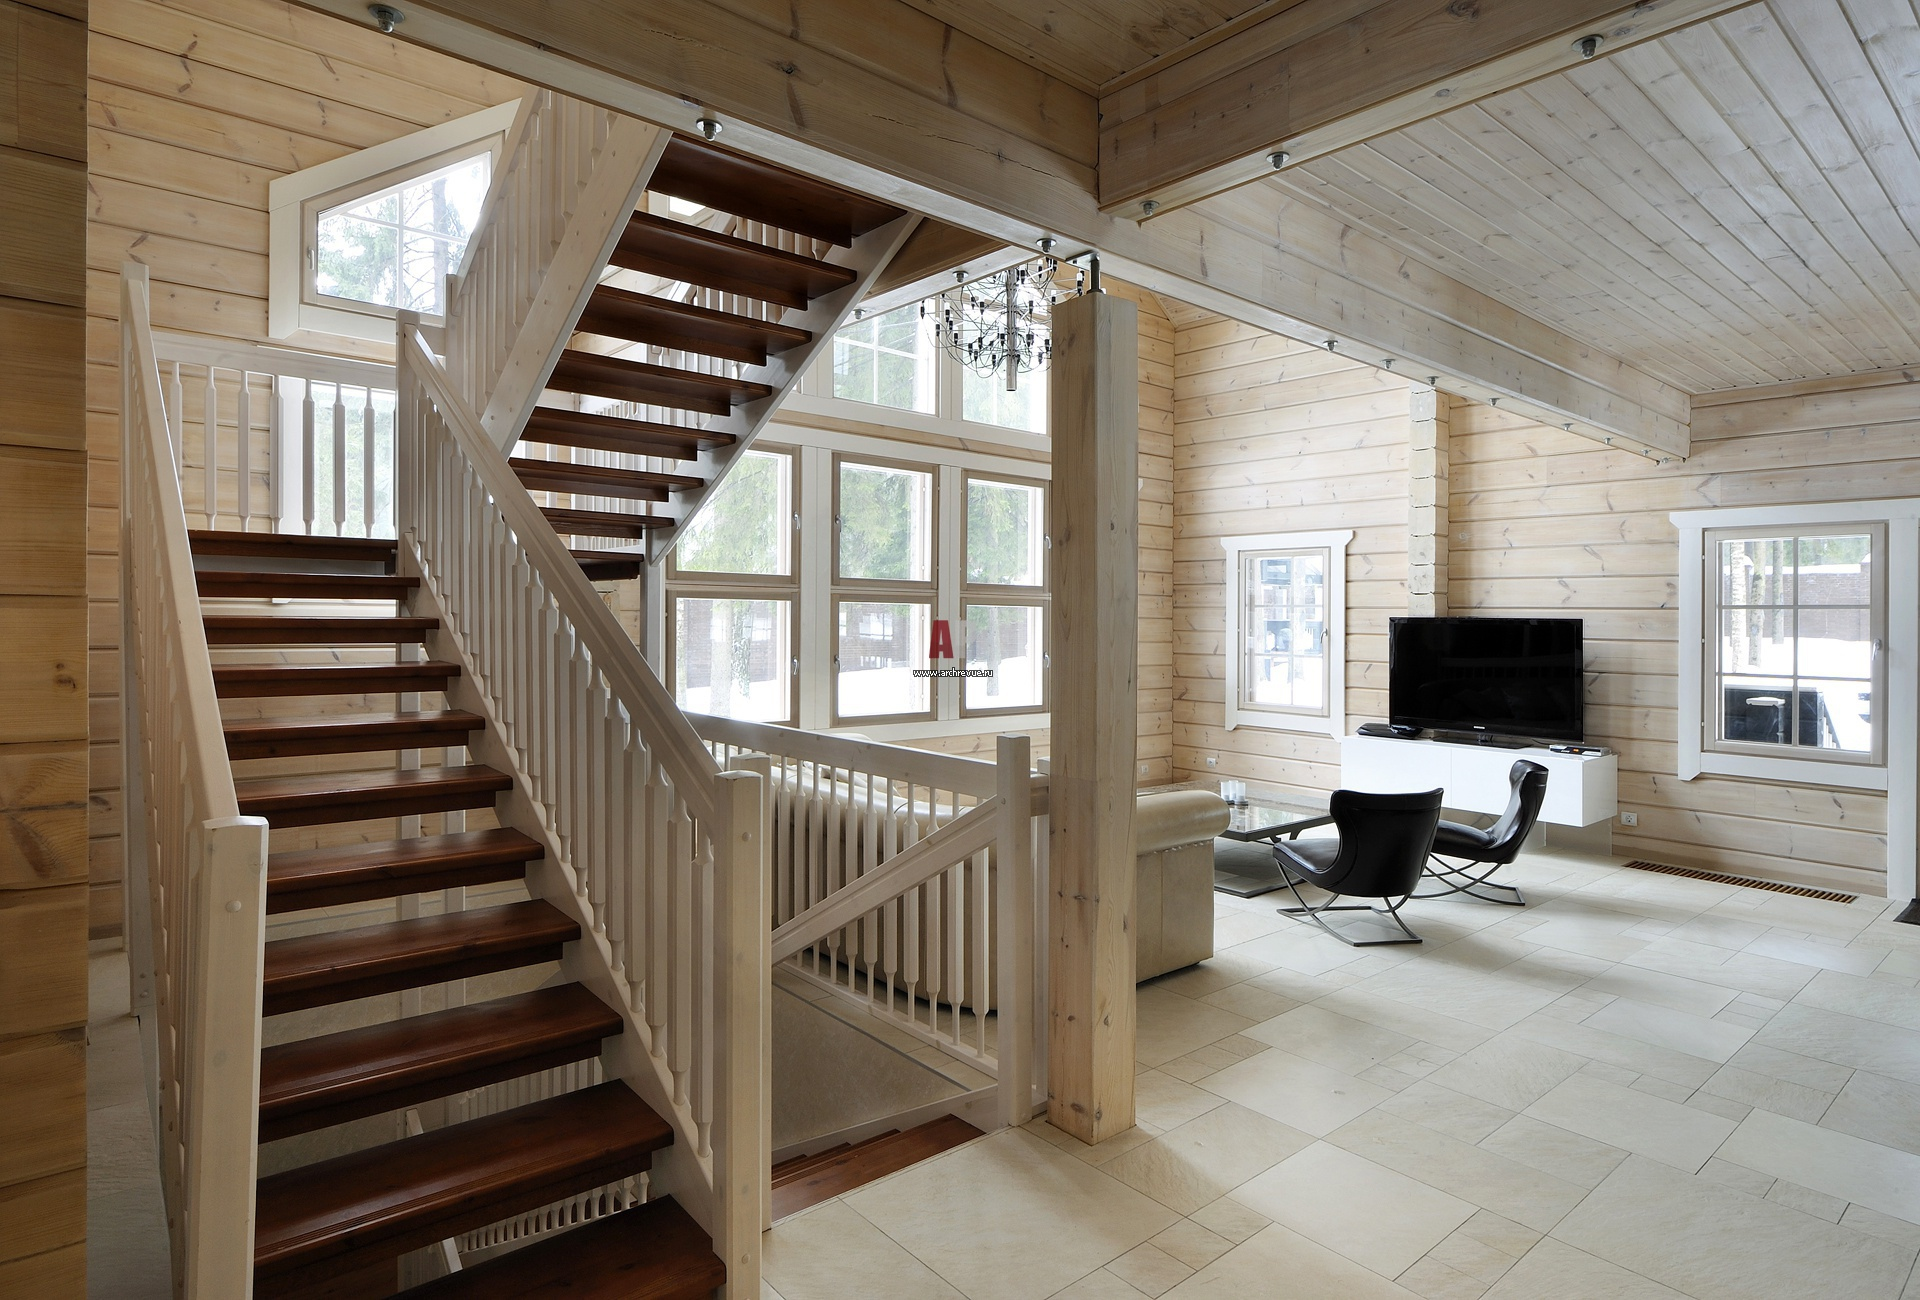 Отделка деревянного дома внутри фото второй этаж популярных